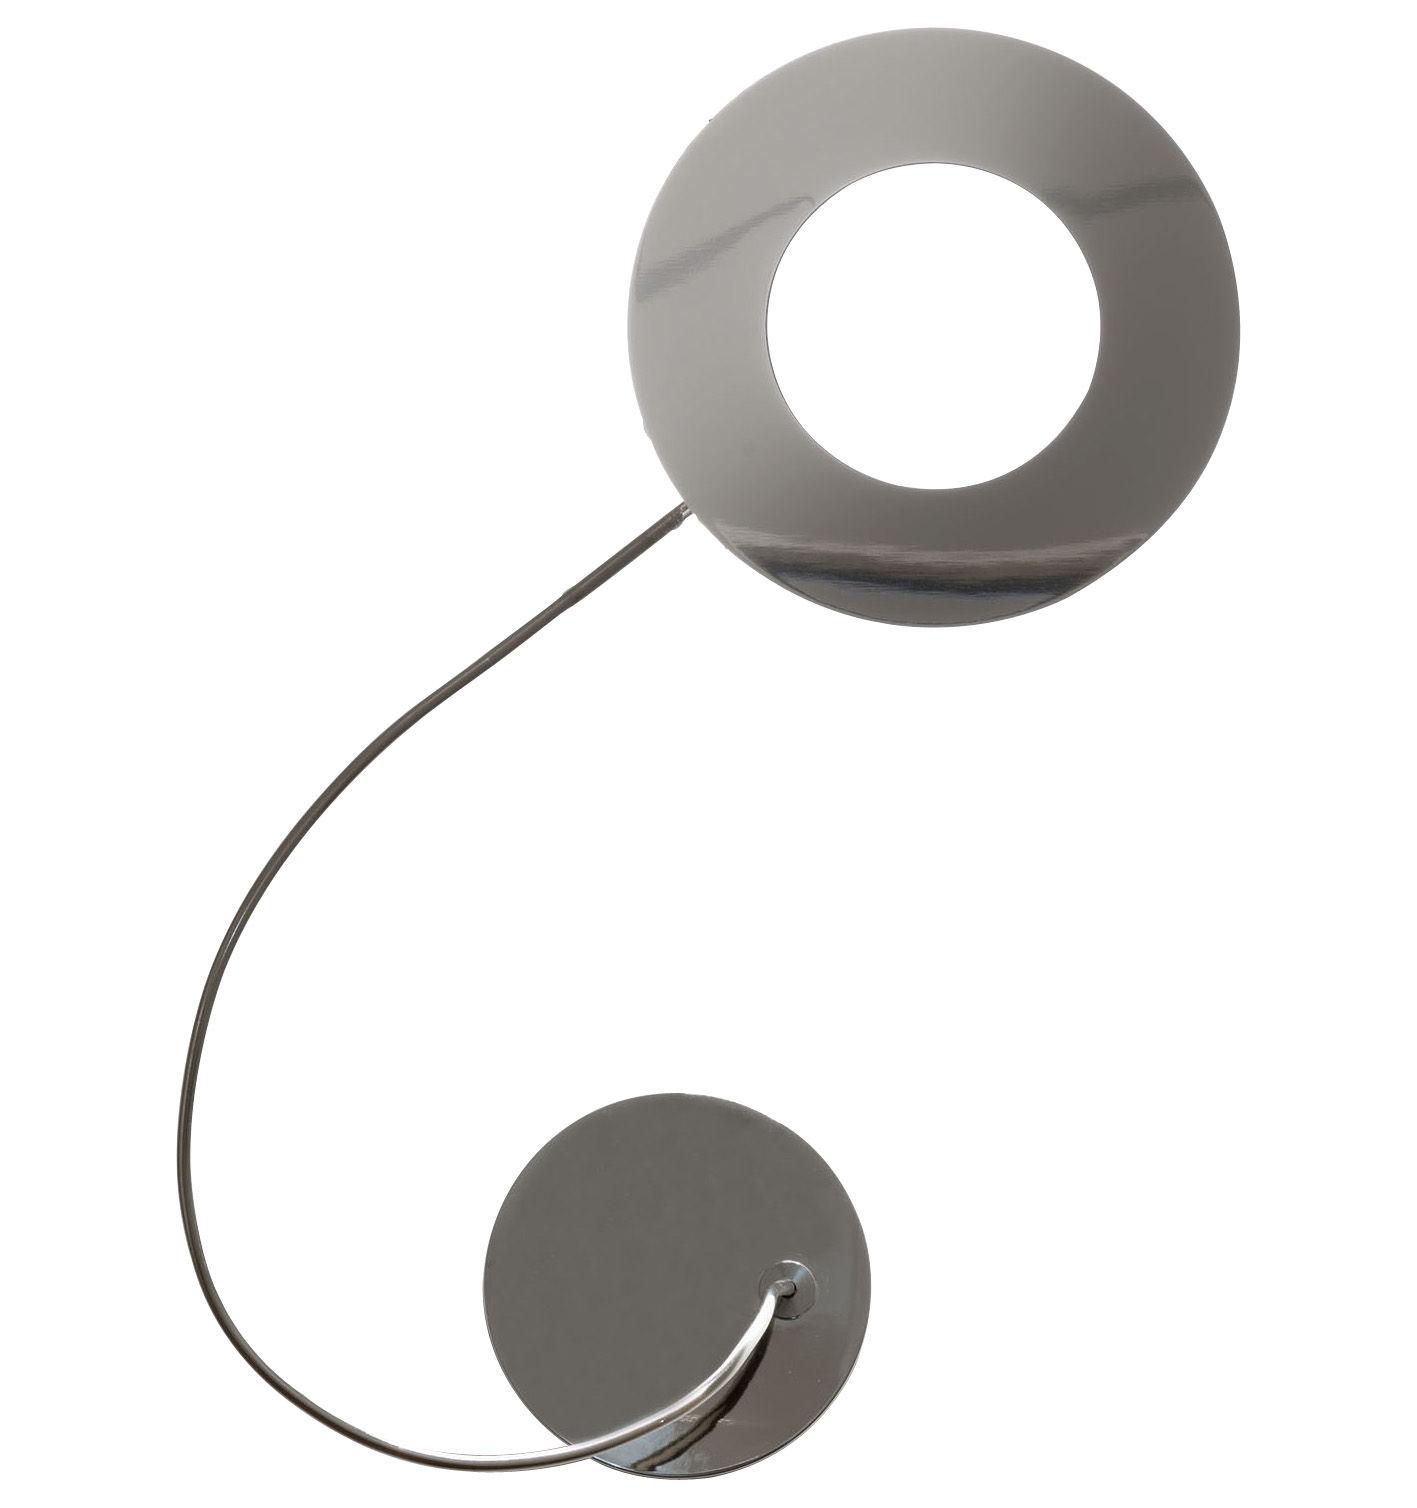 Luminaire - Appliques - Applique Giulietta LED / ø 13 cm - Catellani & Smith - Argent - ø 13 cm - Cuivre nickelé, Métal poli